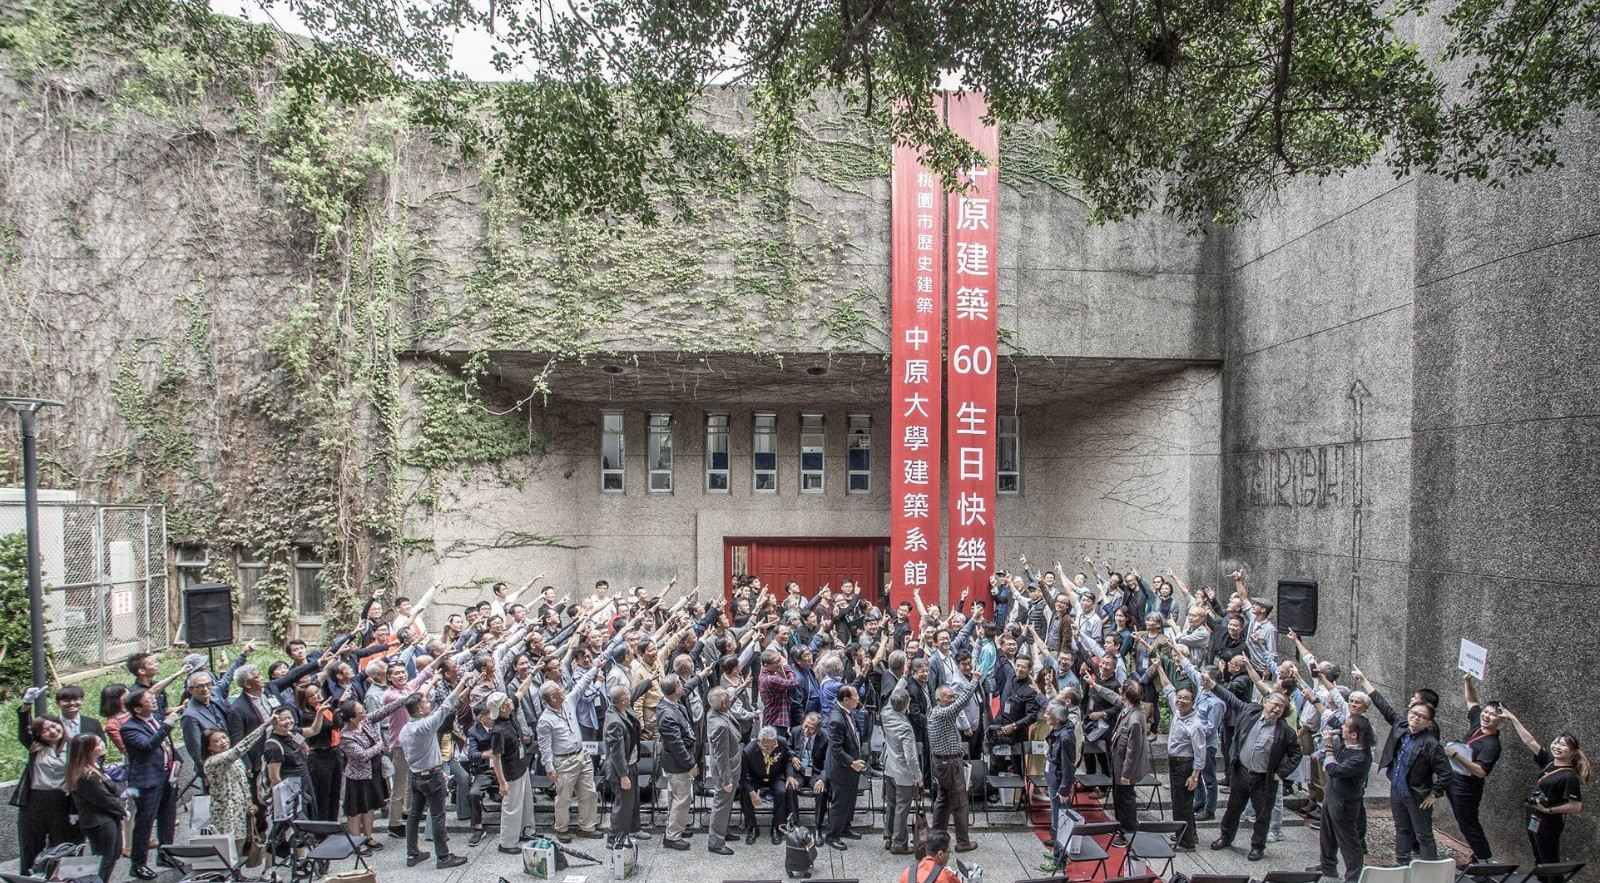 中原建築歡度60周年系慶(謝統勝老師拍攝提供).jpg